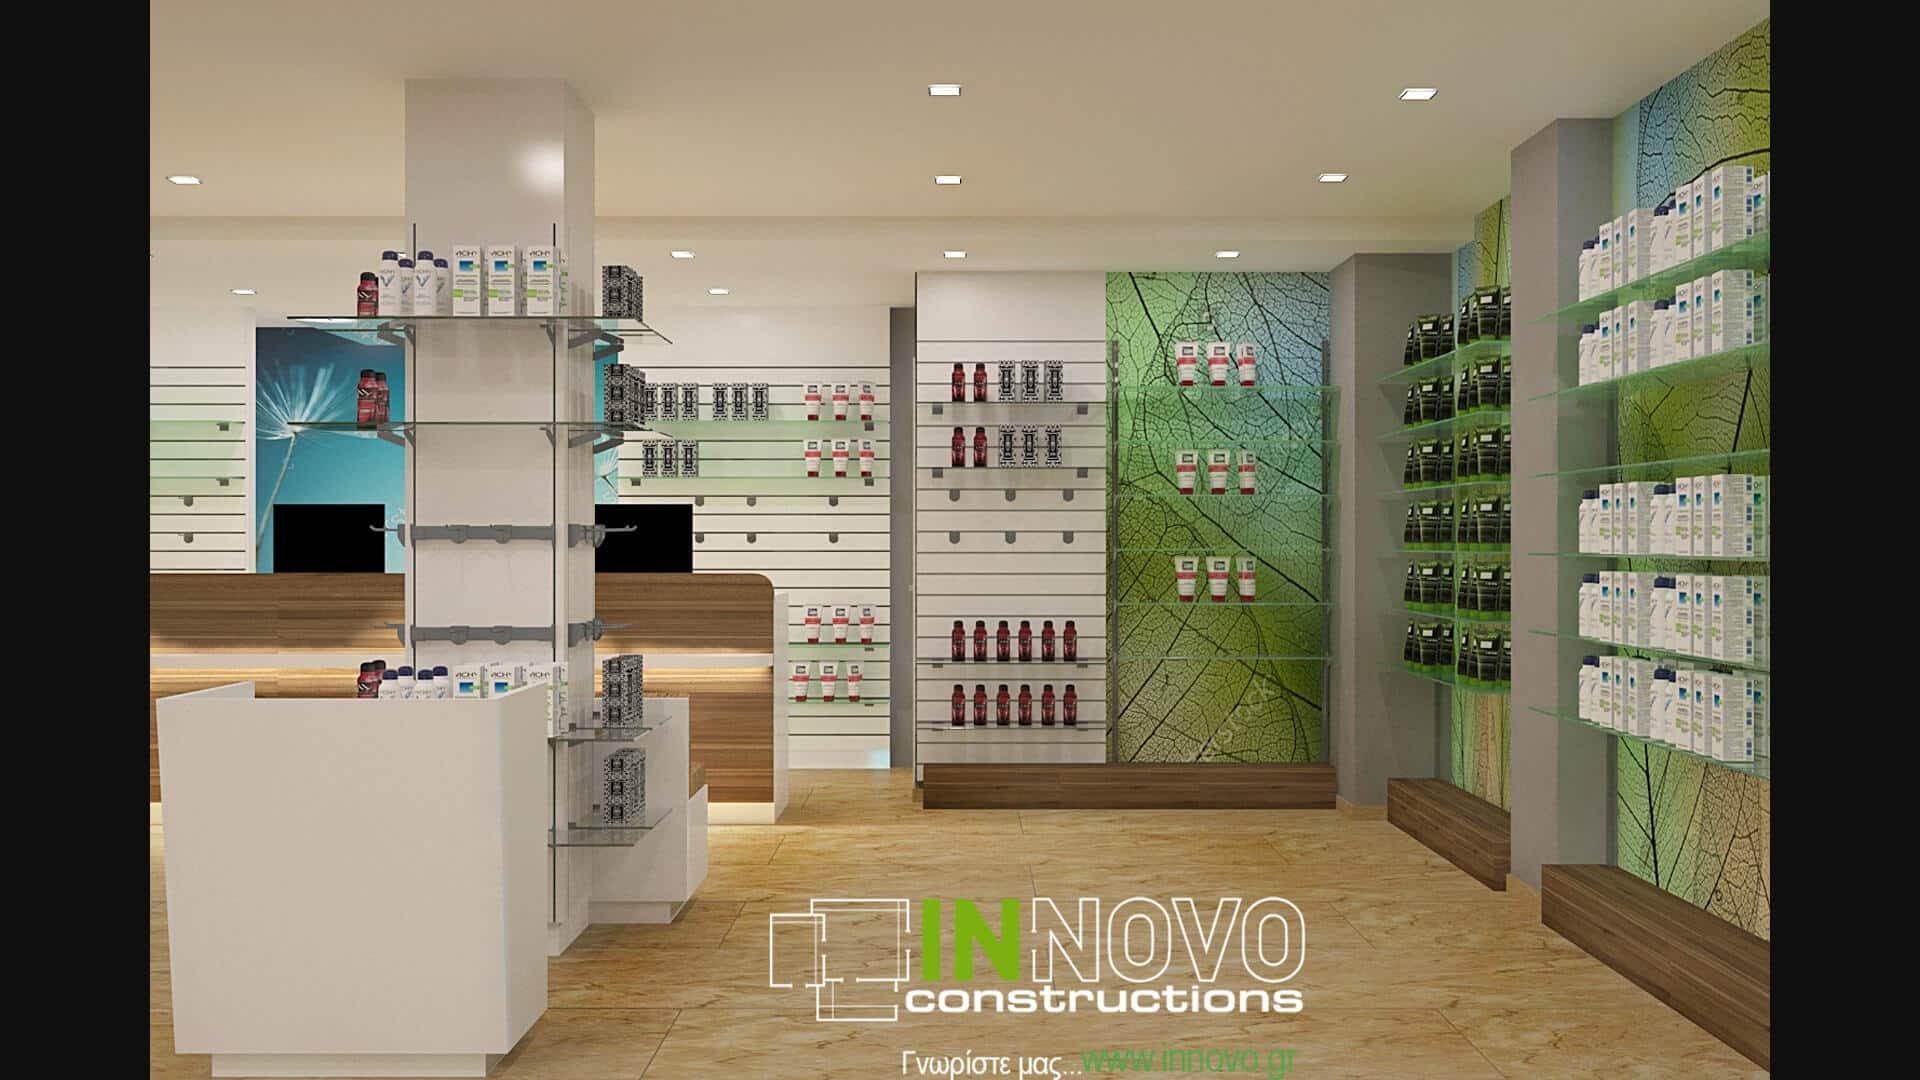 Ανακαίνιση φαρμακείου στο Νέο Ηράκλειο από την Innovo